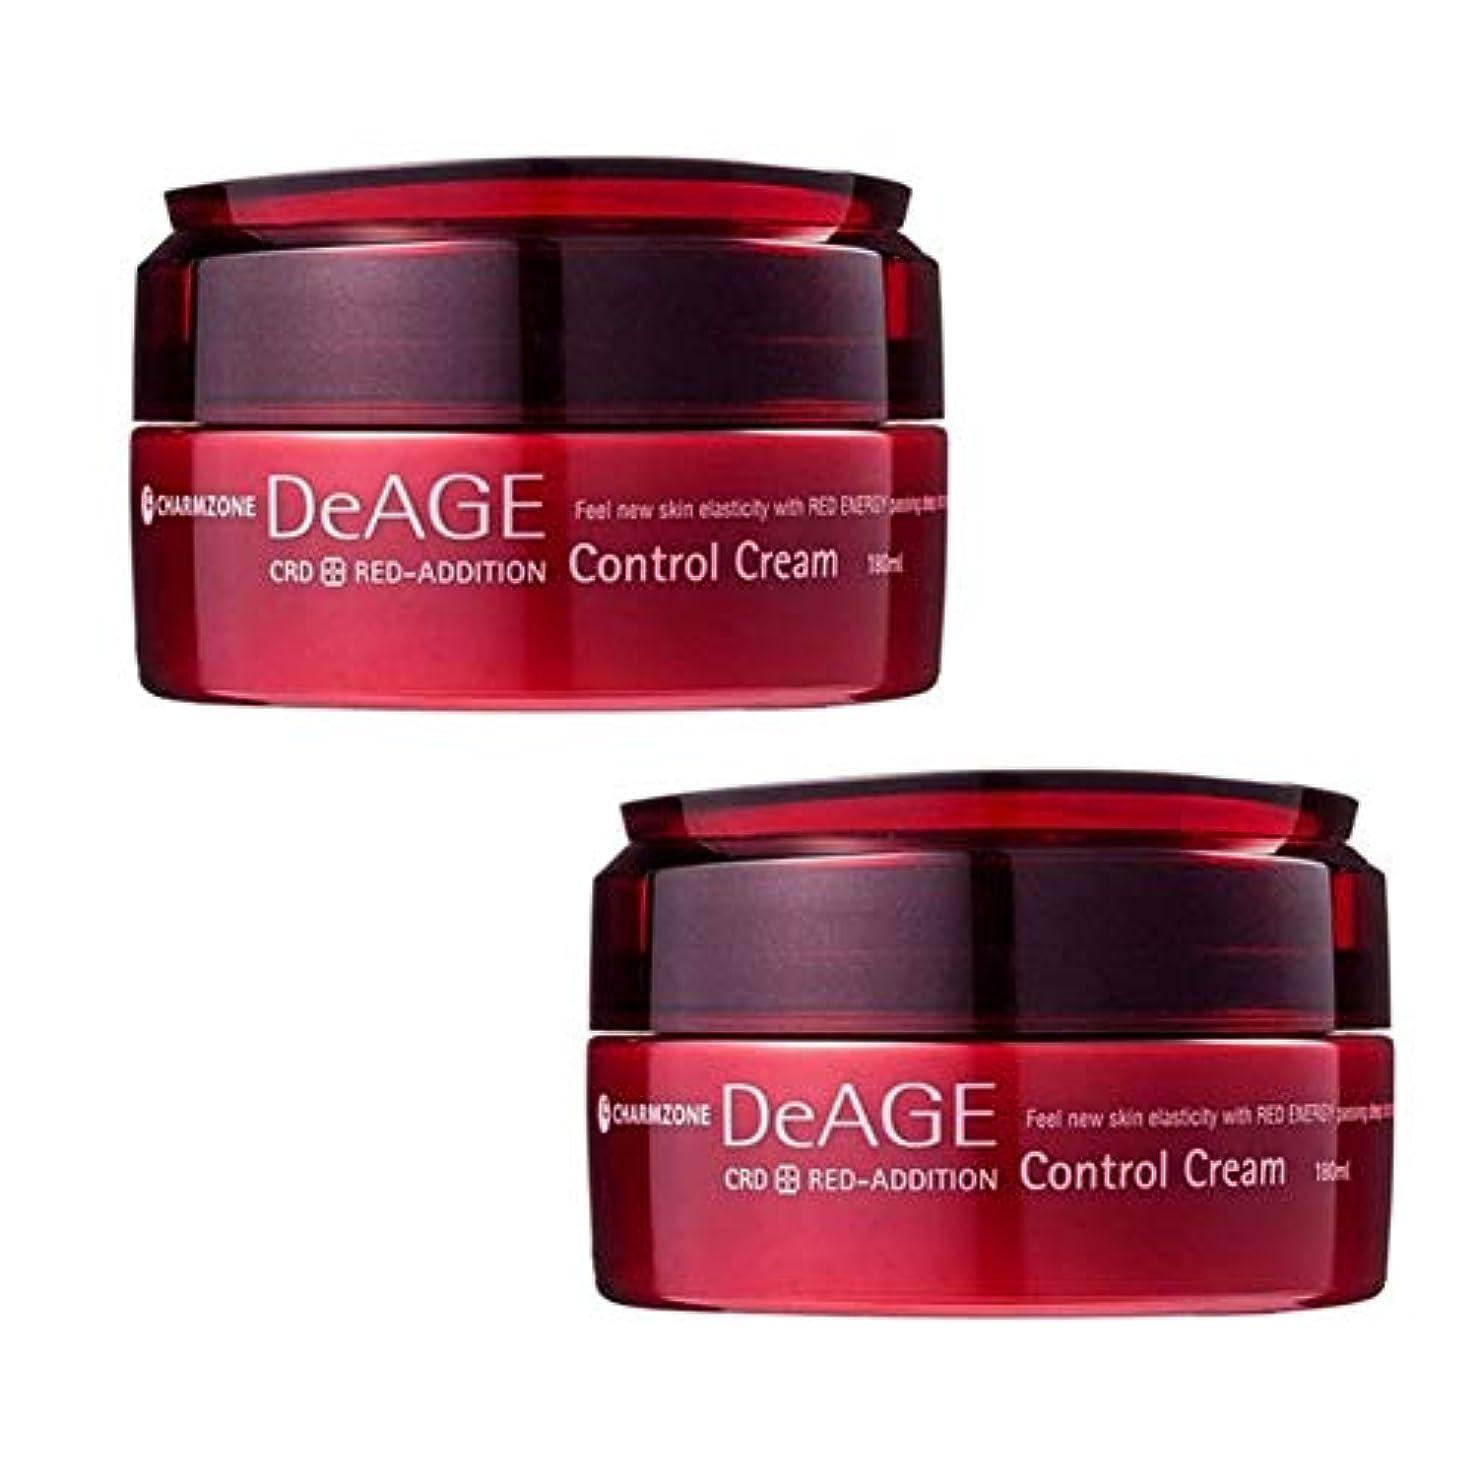 やろう振る舞うプレゼンターチャムジョンディエイジレッドエディションコントロールクリーム180ml x 2本セットマッサージクリーム、Charmzone DeAGE Red-Addition Control Cream 180ml x 2ea Set...